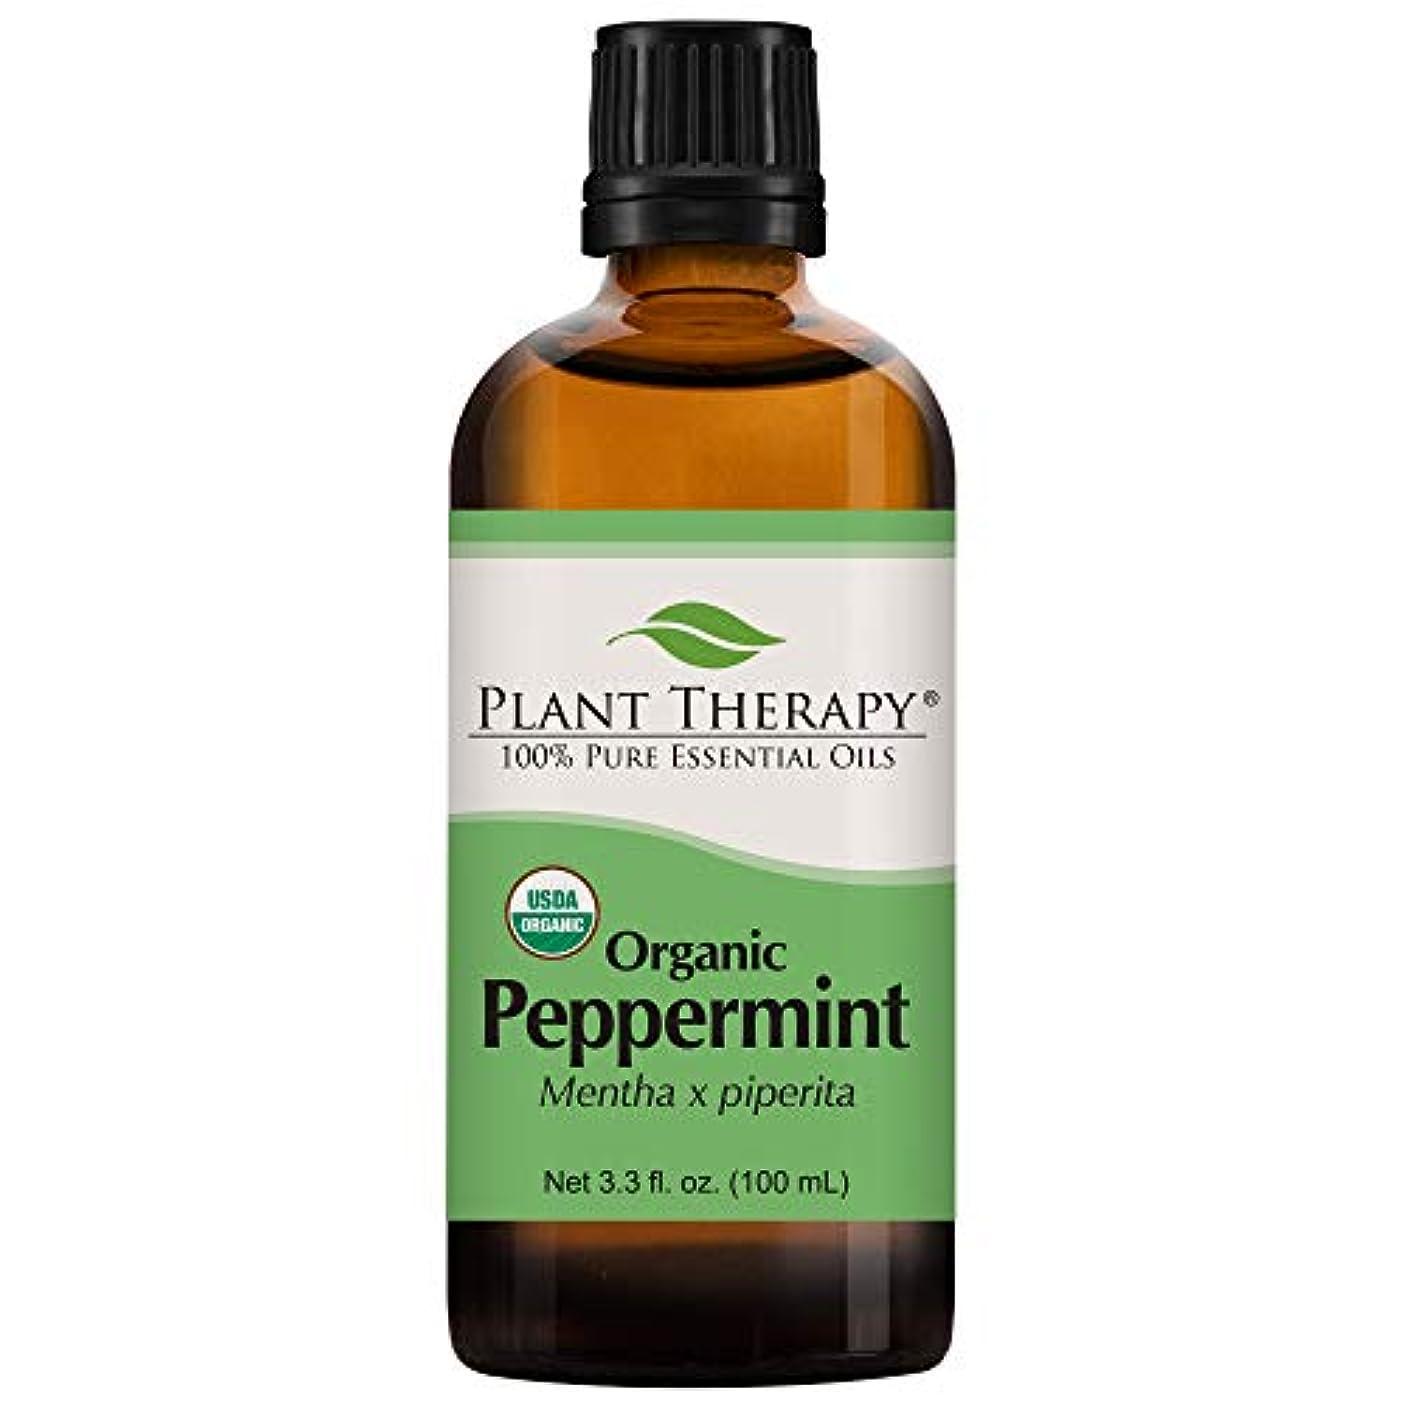 歴史家強制的アナロジー植物セラピーUSDA認定オーガニックペパーミントエッセンシャルオイル。 100%ピュア、希釈していない、治療グレード。 100ミリリットル(3.3オンス)。